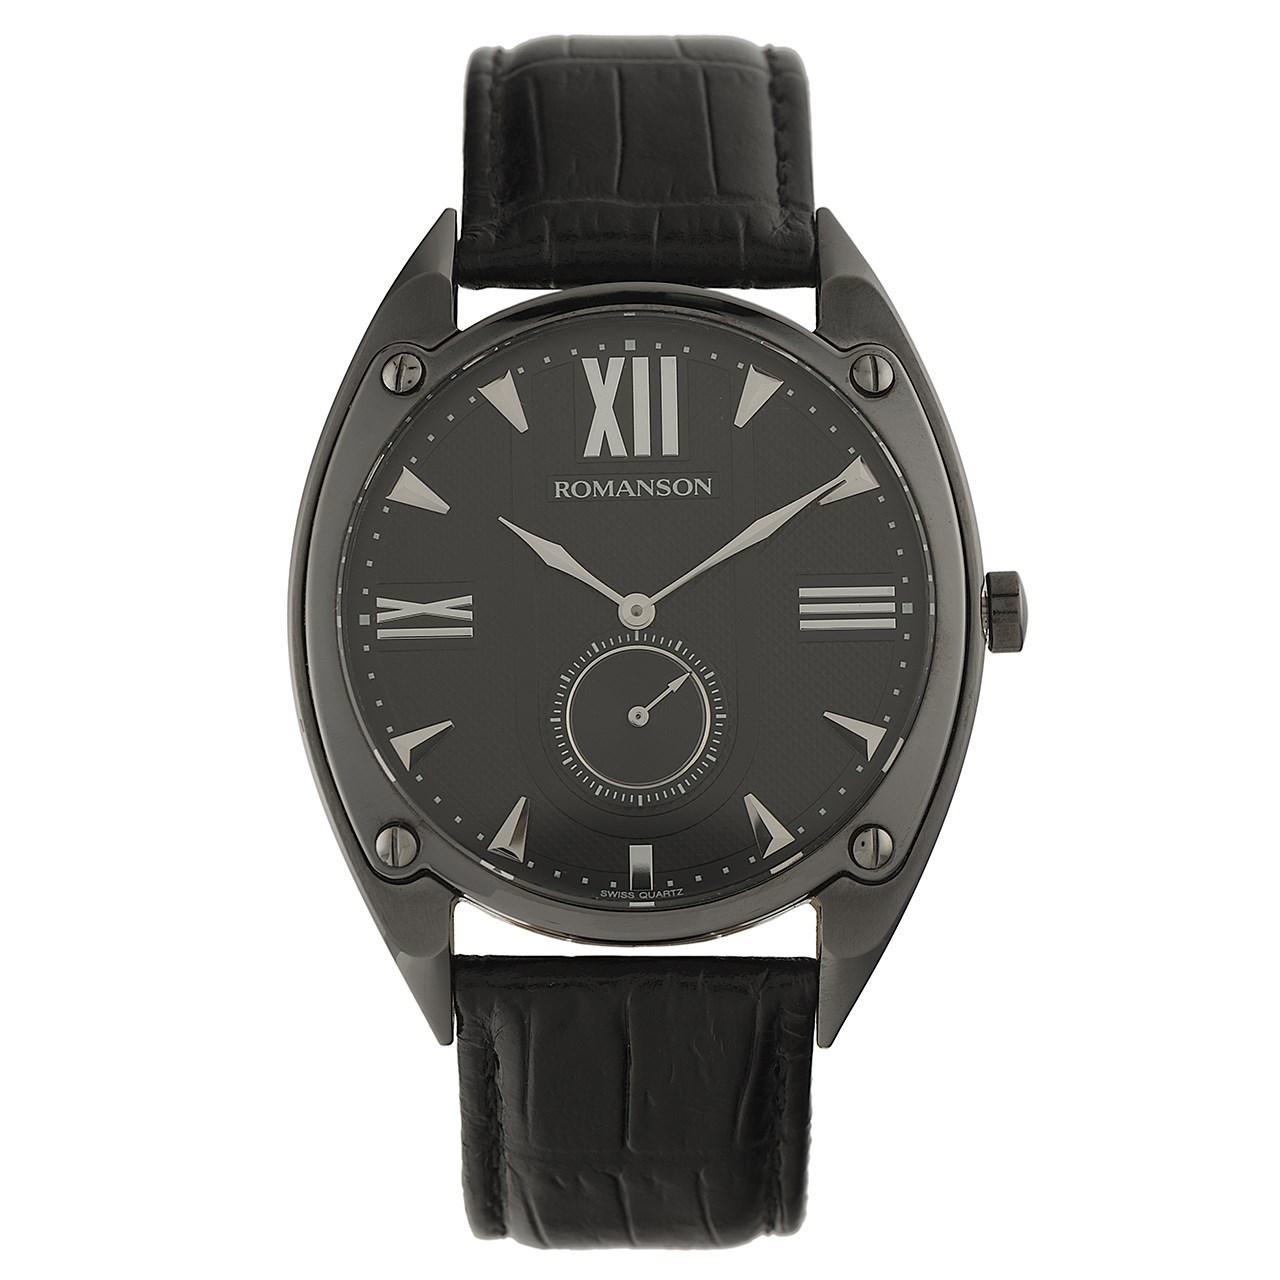 ساعت مچی عقربه ای مردانه رومانسون مدل TL1272JM1BA32W 40